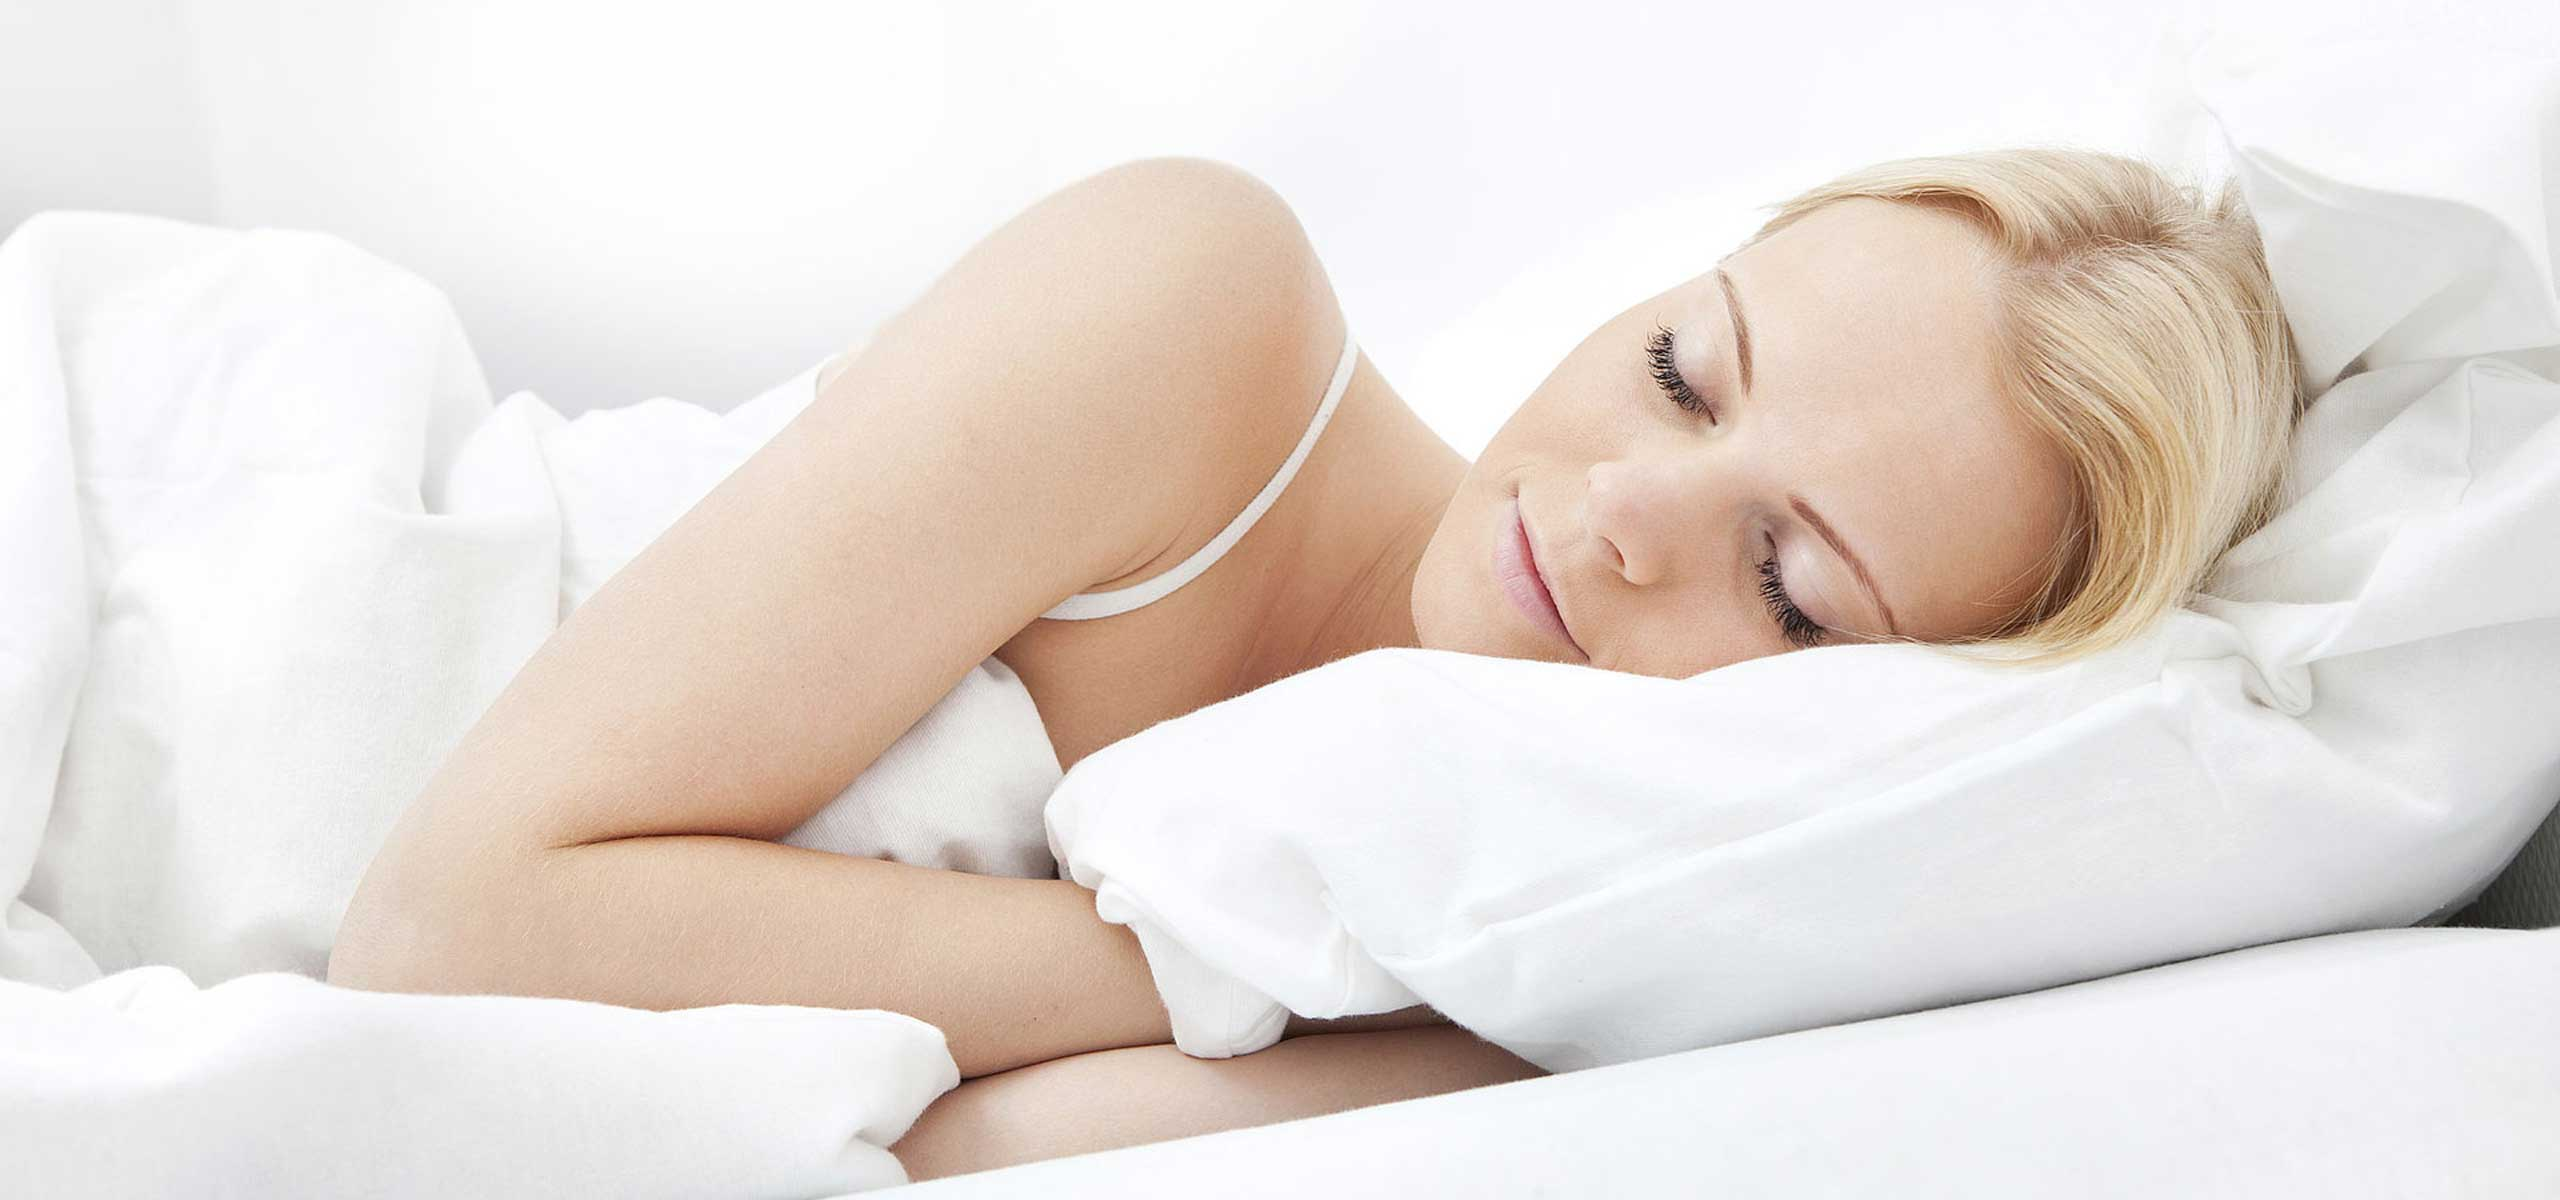 tidur yang cukup untuk olahraga optimal saat puasa